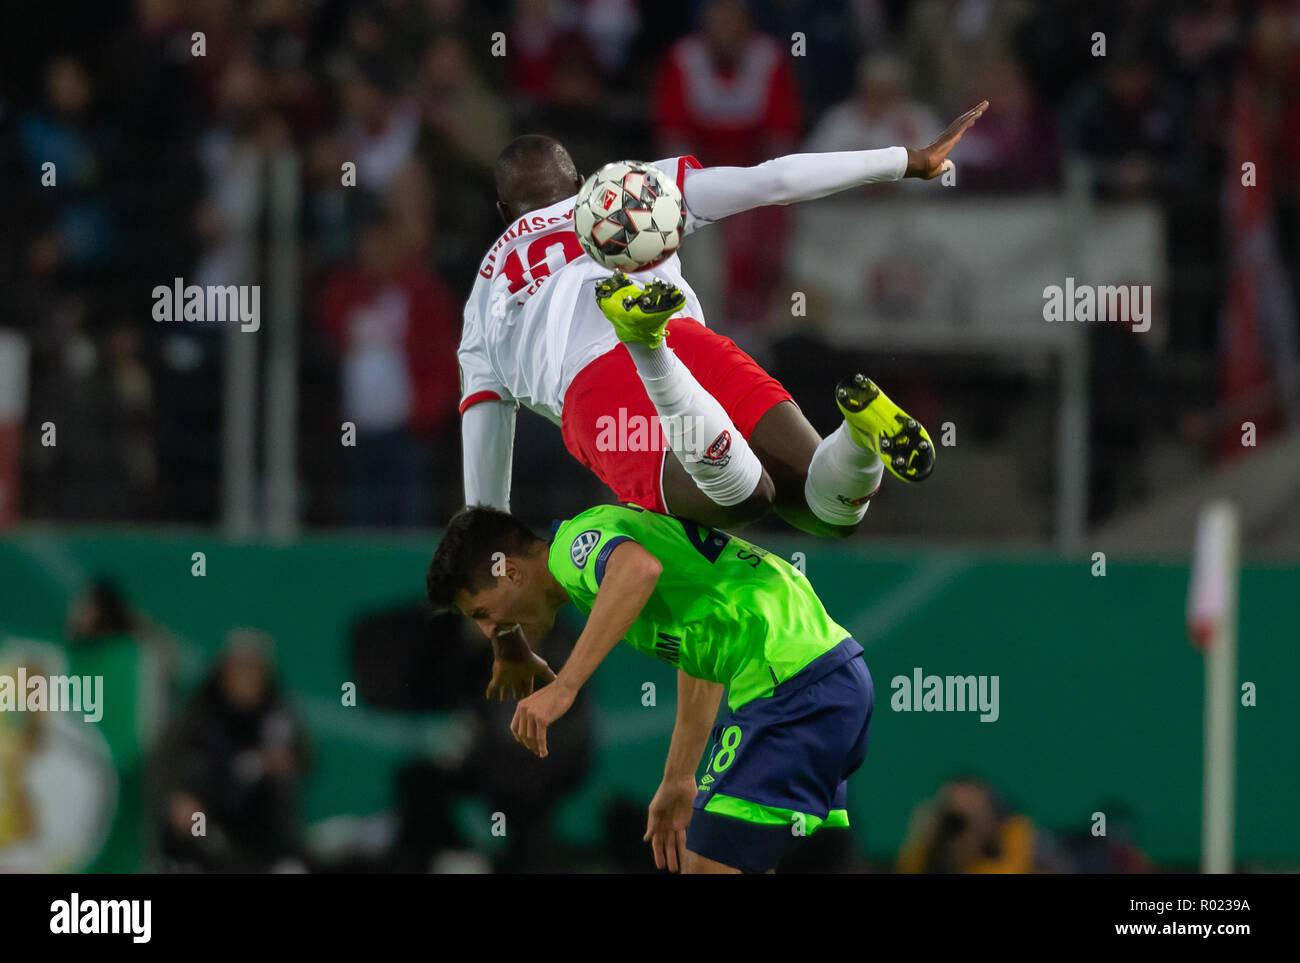 Cologne, Allemagne 31 octobre 2018, la DFB Pokal, FC Koeln - FC Schalke 04: Sehrou Guirassy (Koeln), Alessandro Andre Schoepf (S04) en compétition. Credit: Juergen Schwarz/Alamy Live News DFB RÈGLEMENT INTERDIT TOUTE UTILISATION DES PHOTOGRAPHIES COMME DES SÉQUENCES D'IMAGES ET/OU QUASI-vidéo: Juergen Schwarz/Alamy Live News Banque D'Images